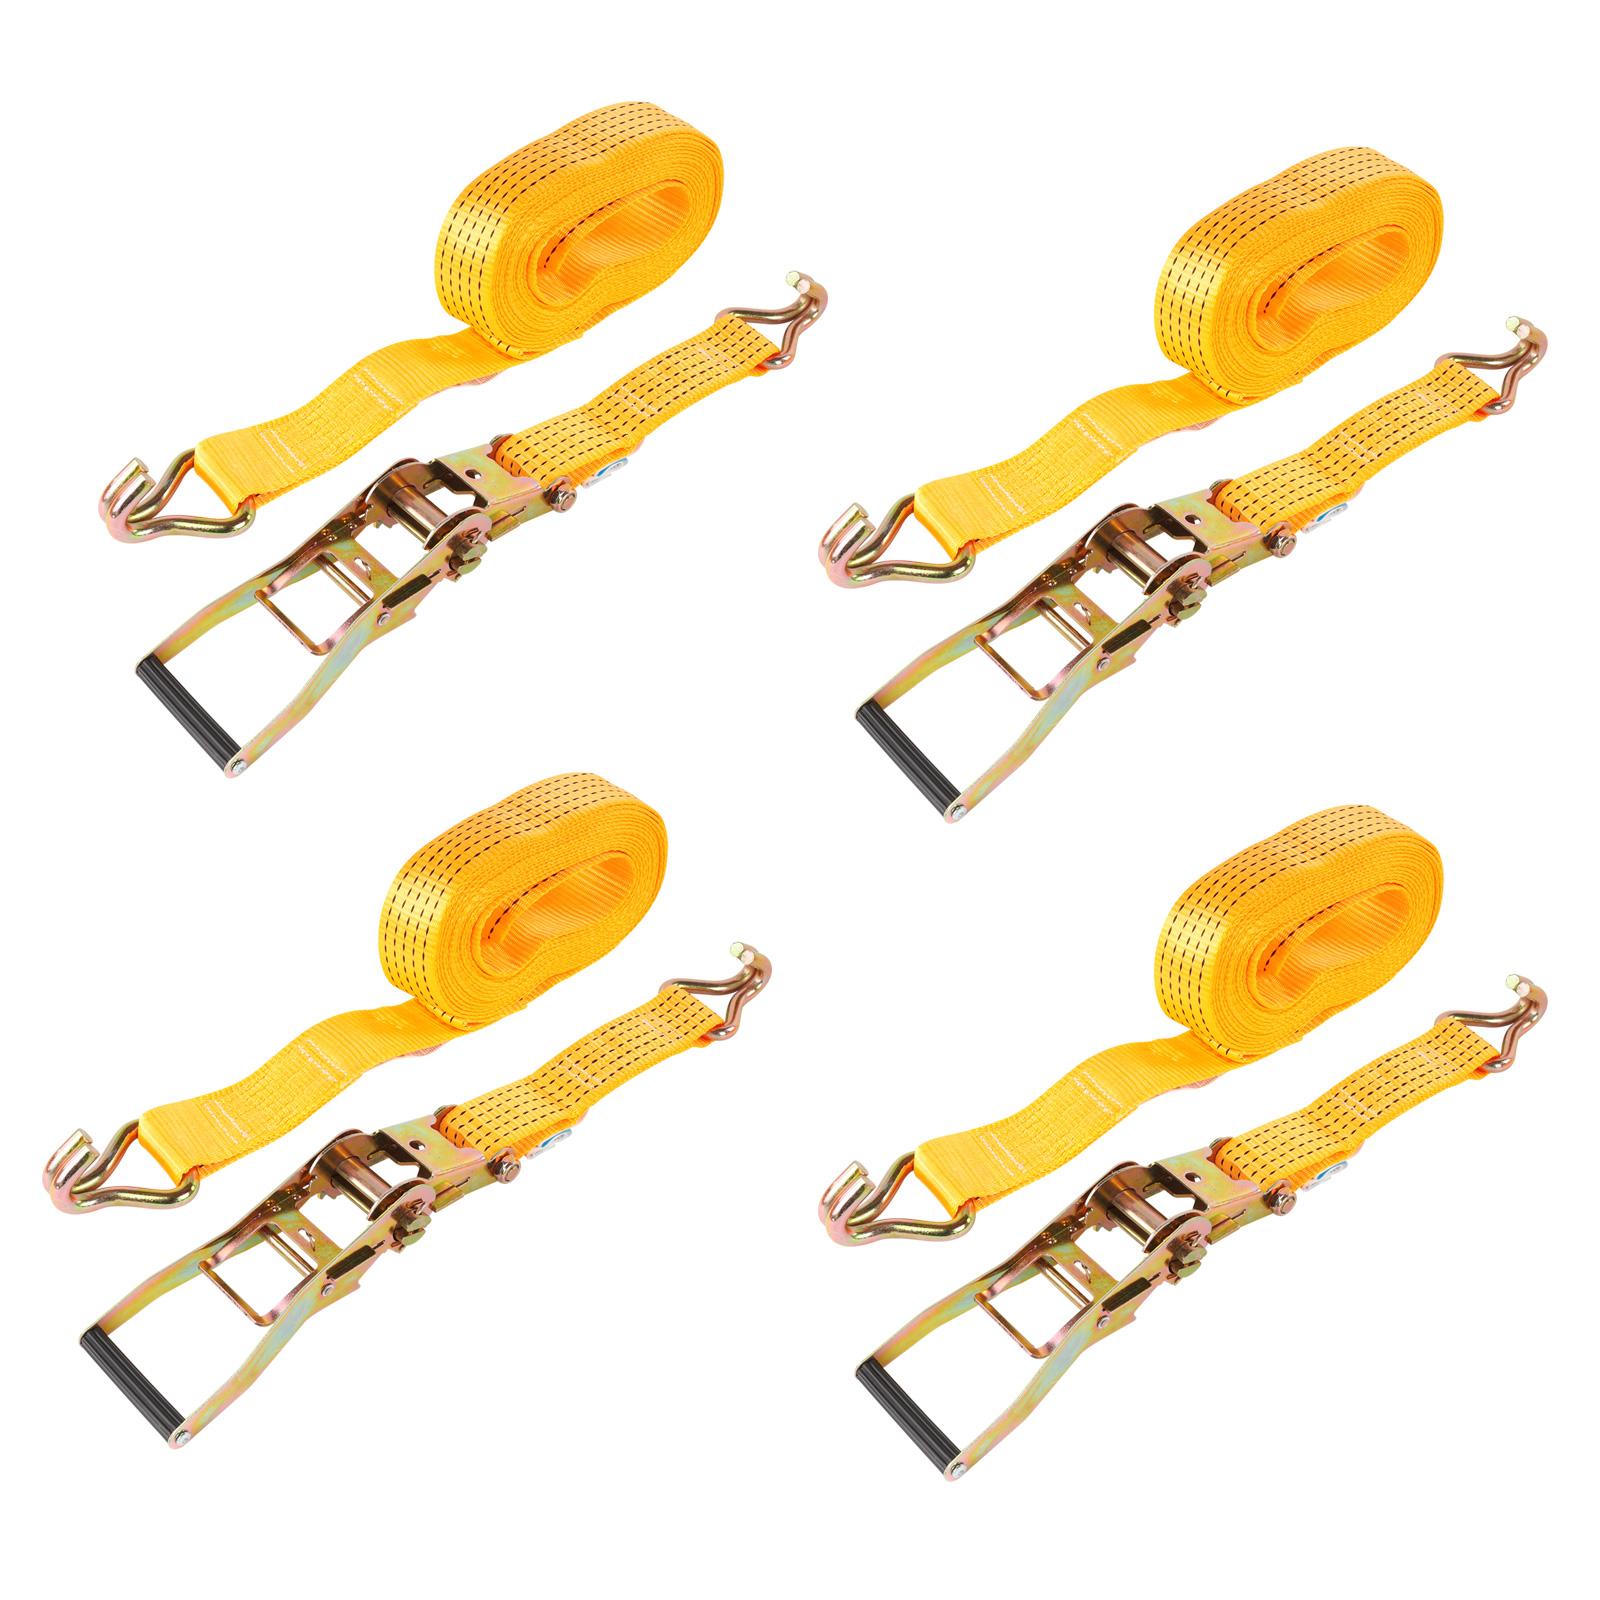 4x Spanngurt mit Ratsche Doppelhaken 8 Meter 5000Kg 50mm Breite PES Orange LKW